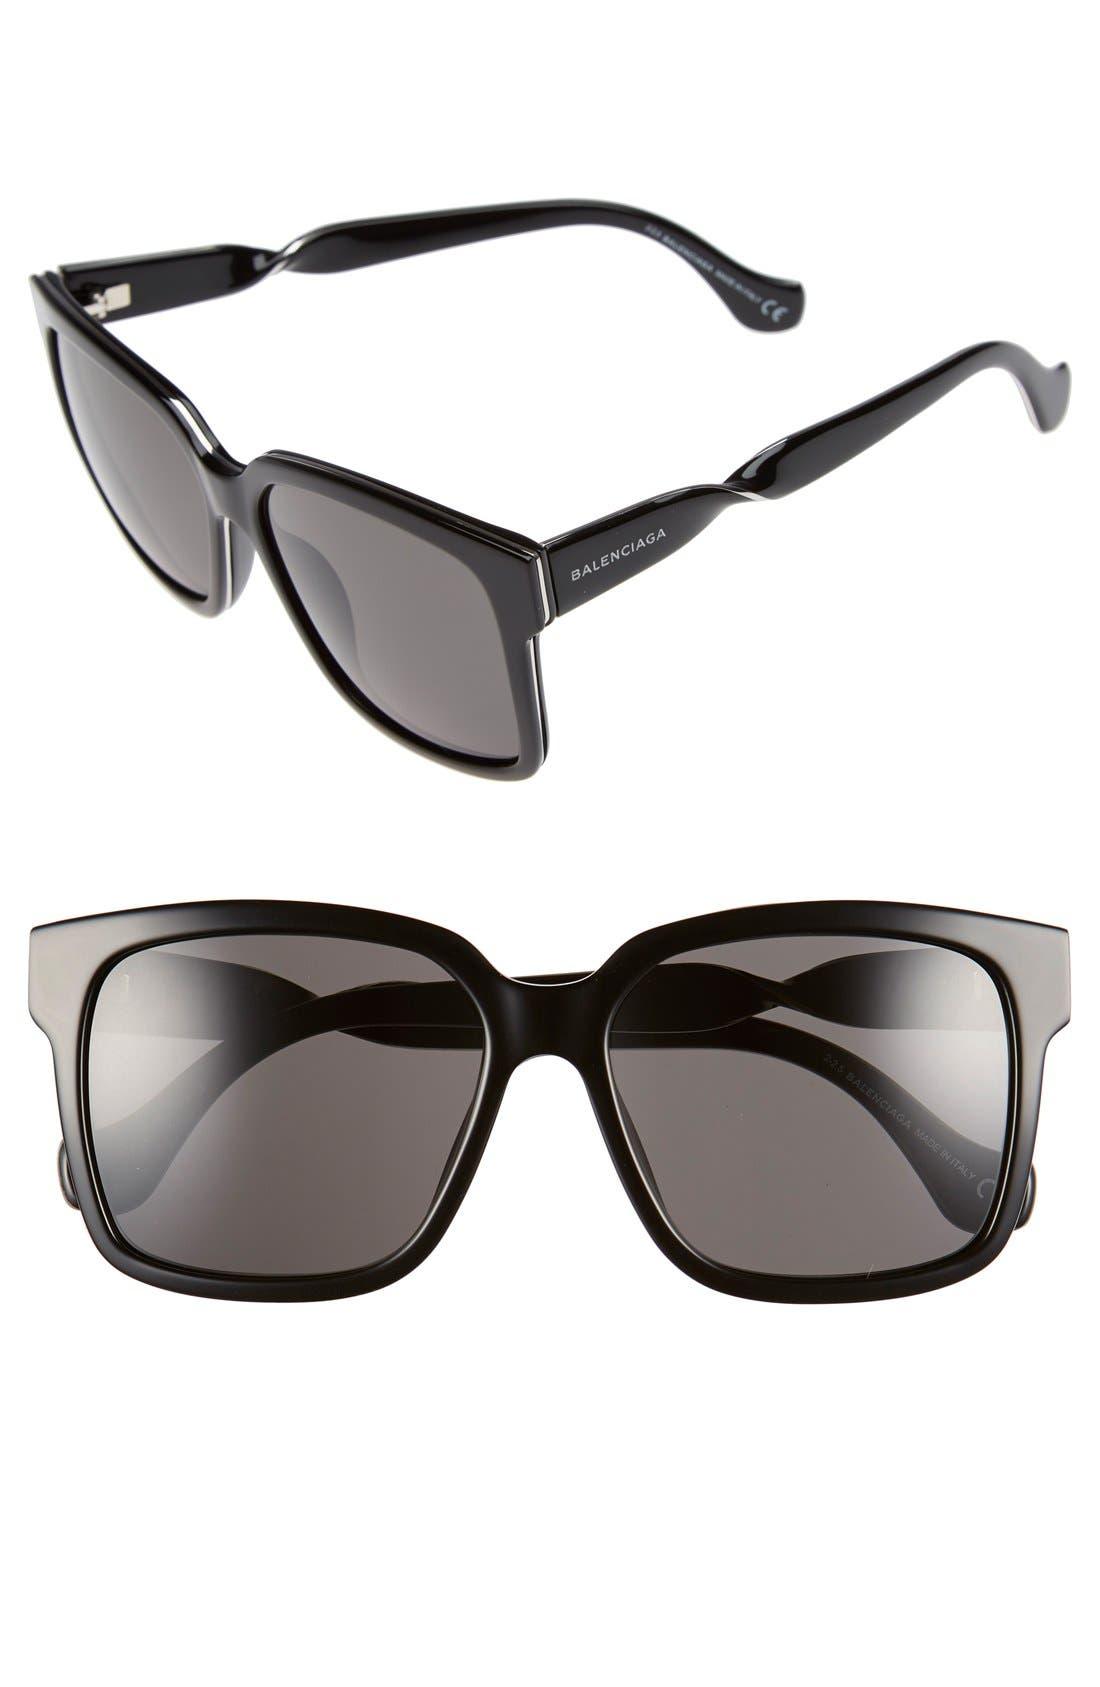 Paris 'BA0053' 55mm Cat Eye Sunglasses,                             Main thumbnail 1, color,                             001